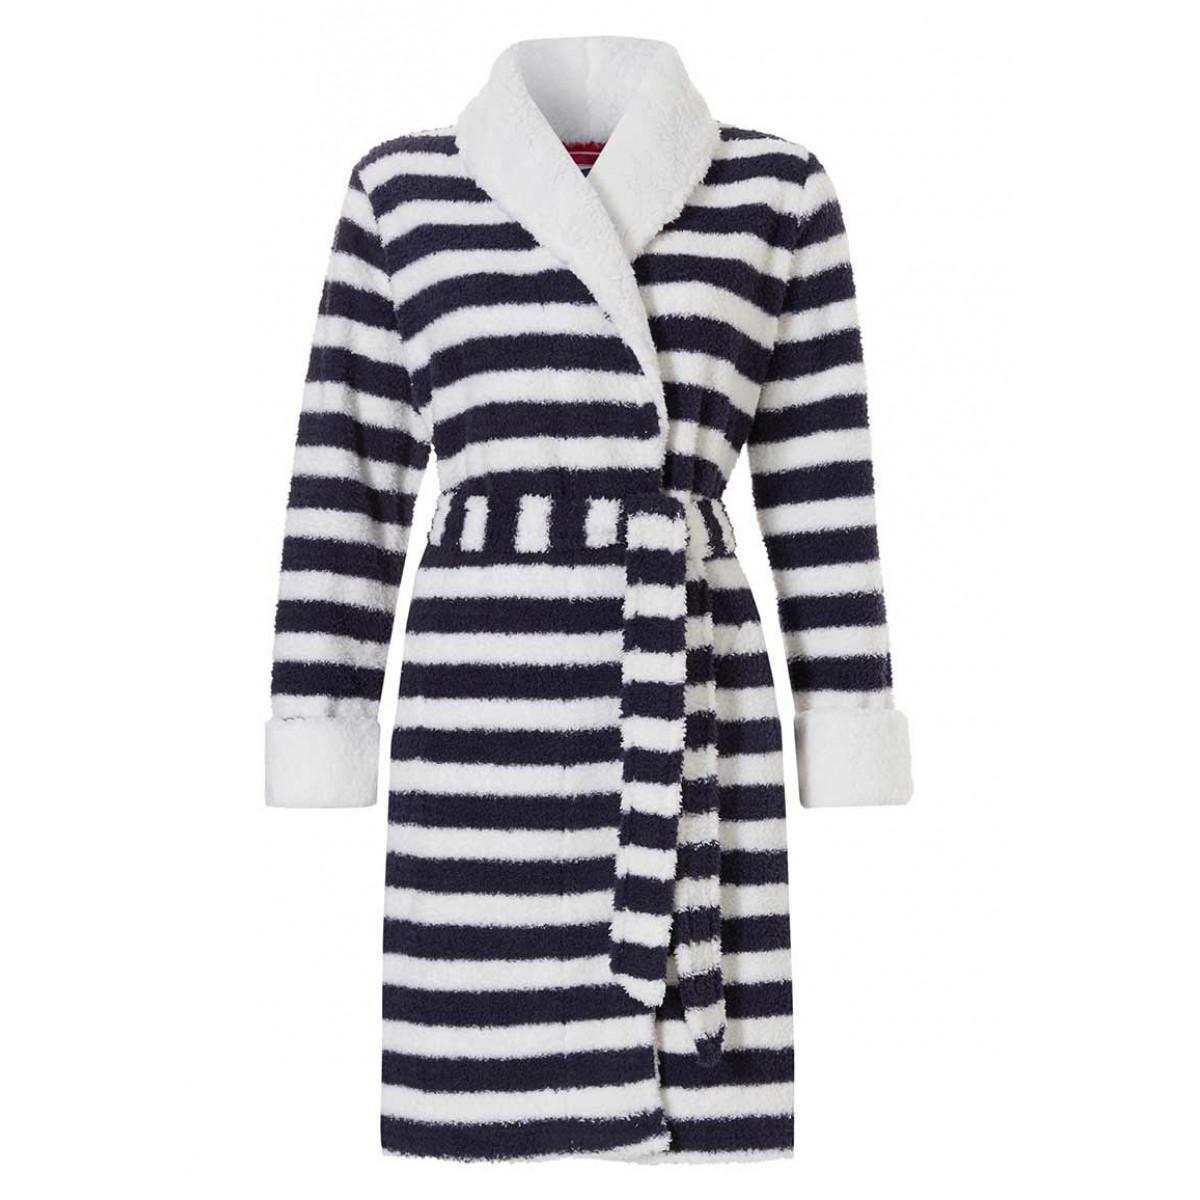 Blauw-wit gestreepte badjas kort